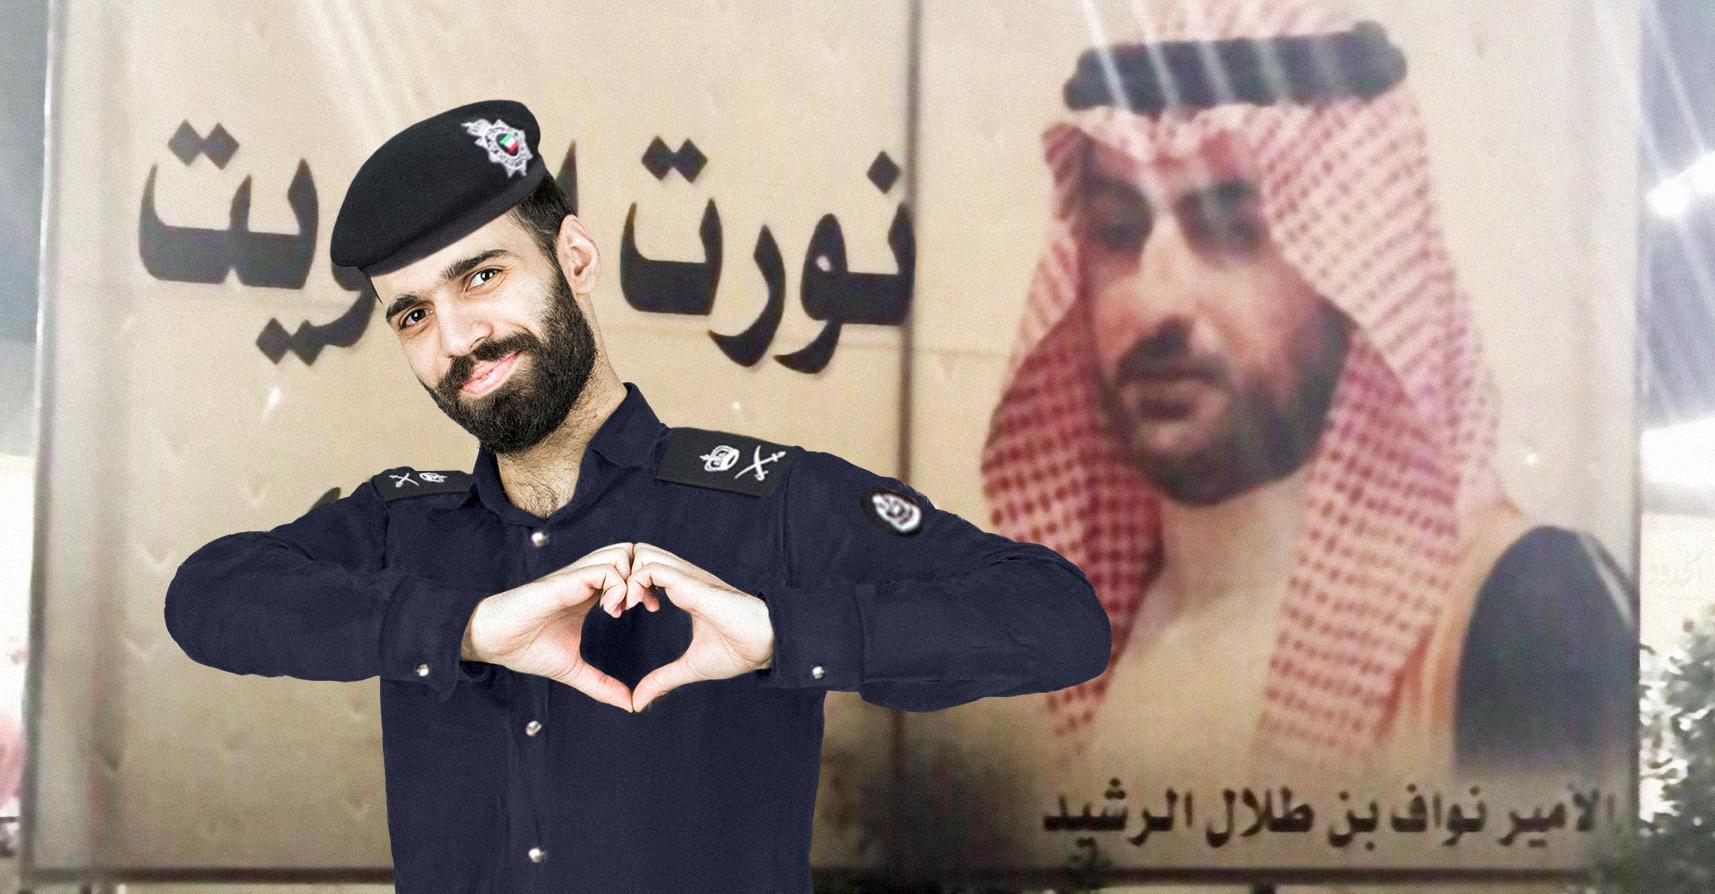 صورة الكويت تُنعم على المعارض نوّاف الرشيد بتسليمه للسعوديّة كي لا يتعرض للاغتيال بالغربة كما حدث لوالده